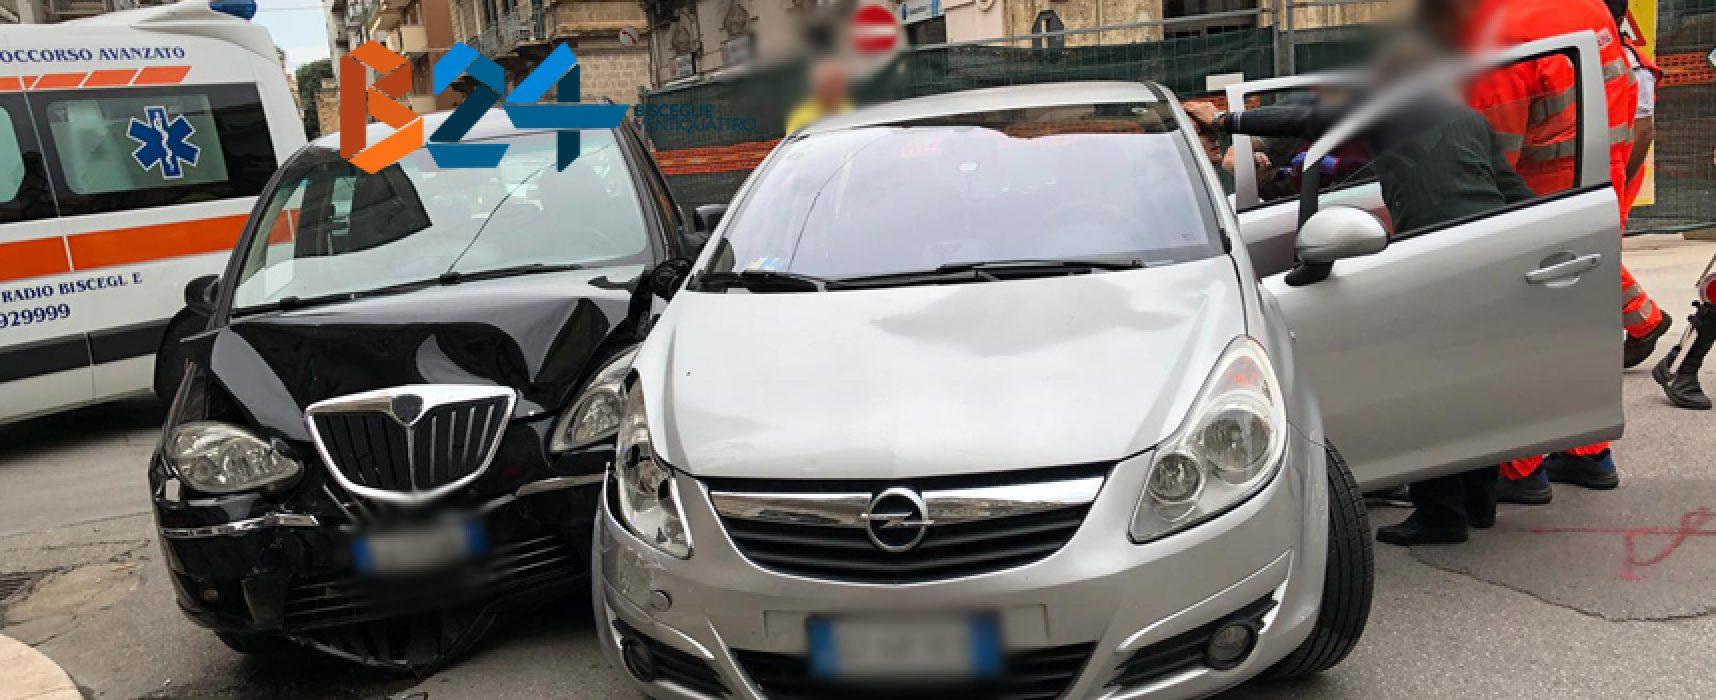 Scontro tra due auto in centro, tre feriti